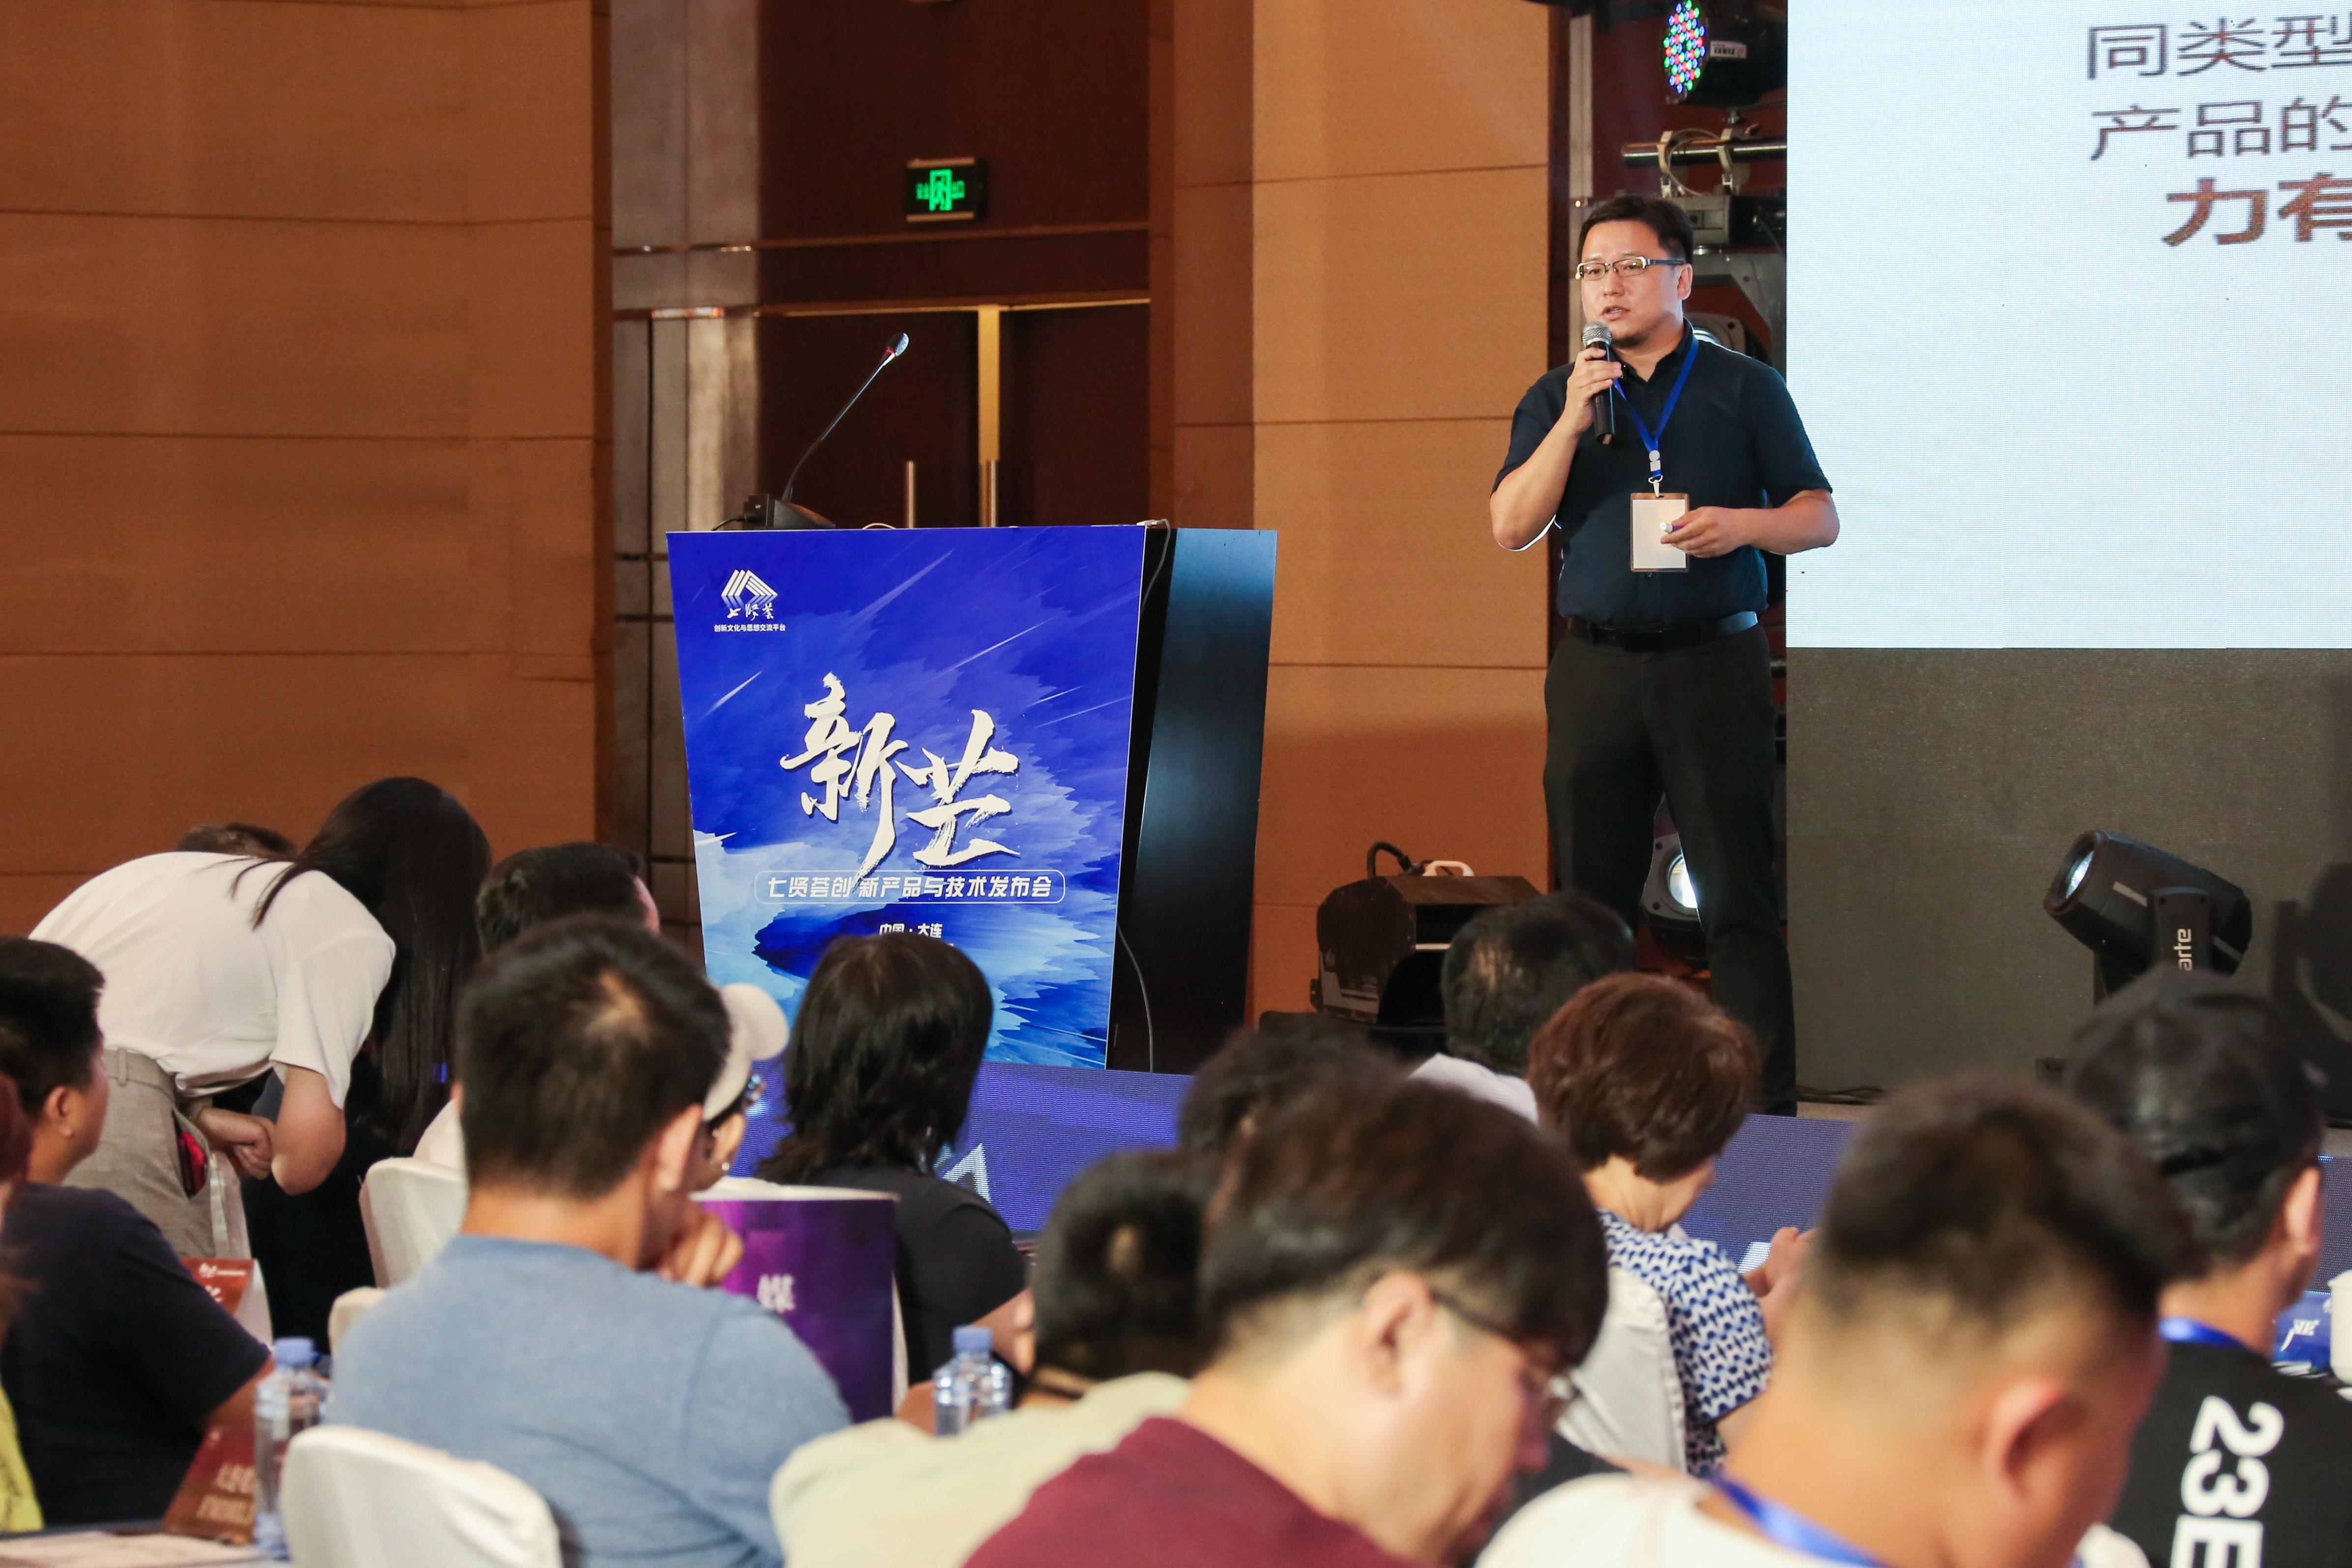 5大创新科技产品亮相第二期七贤荟新芒发布 - 创业工坊